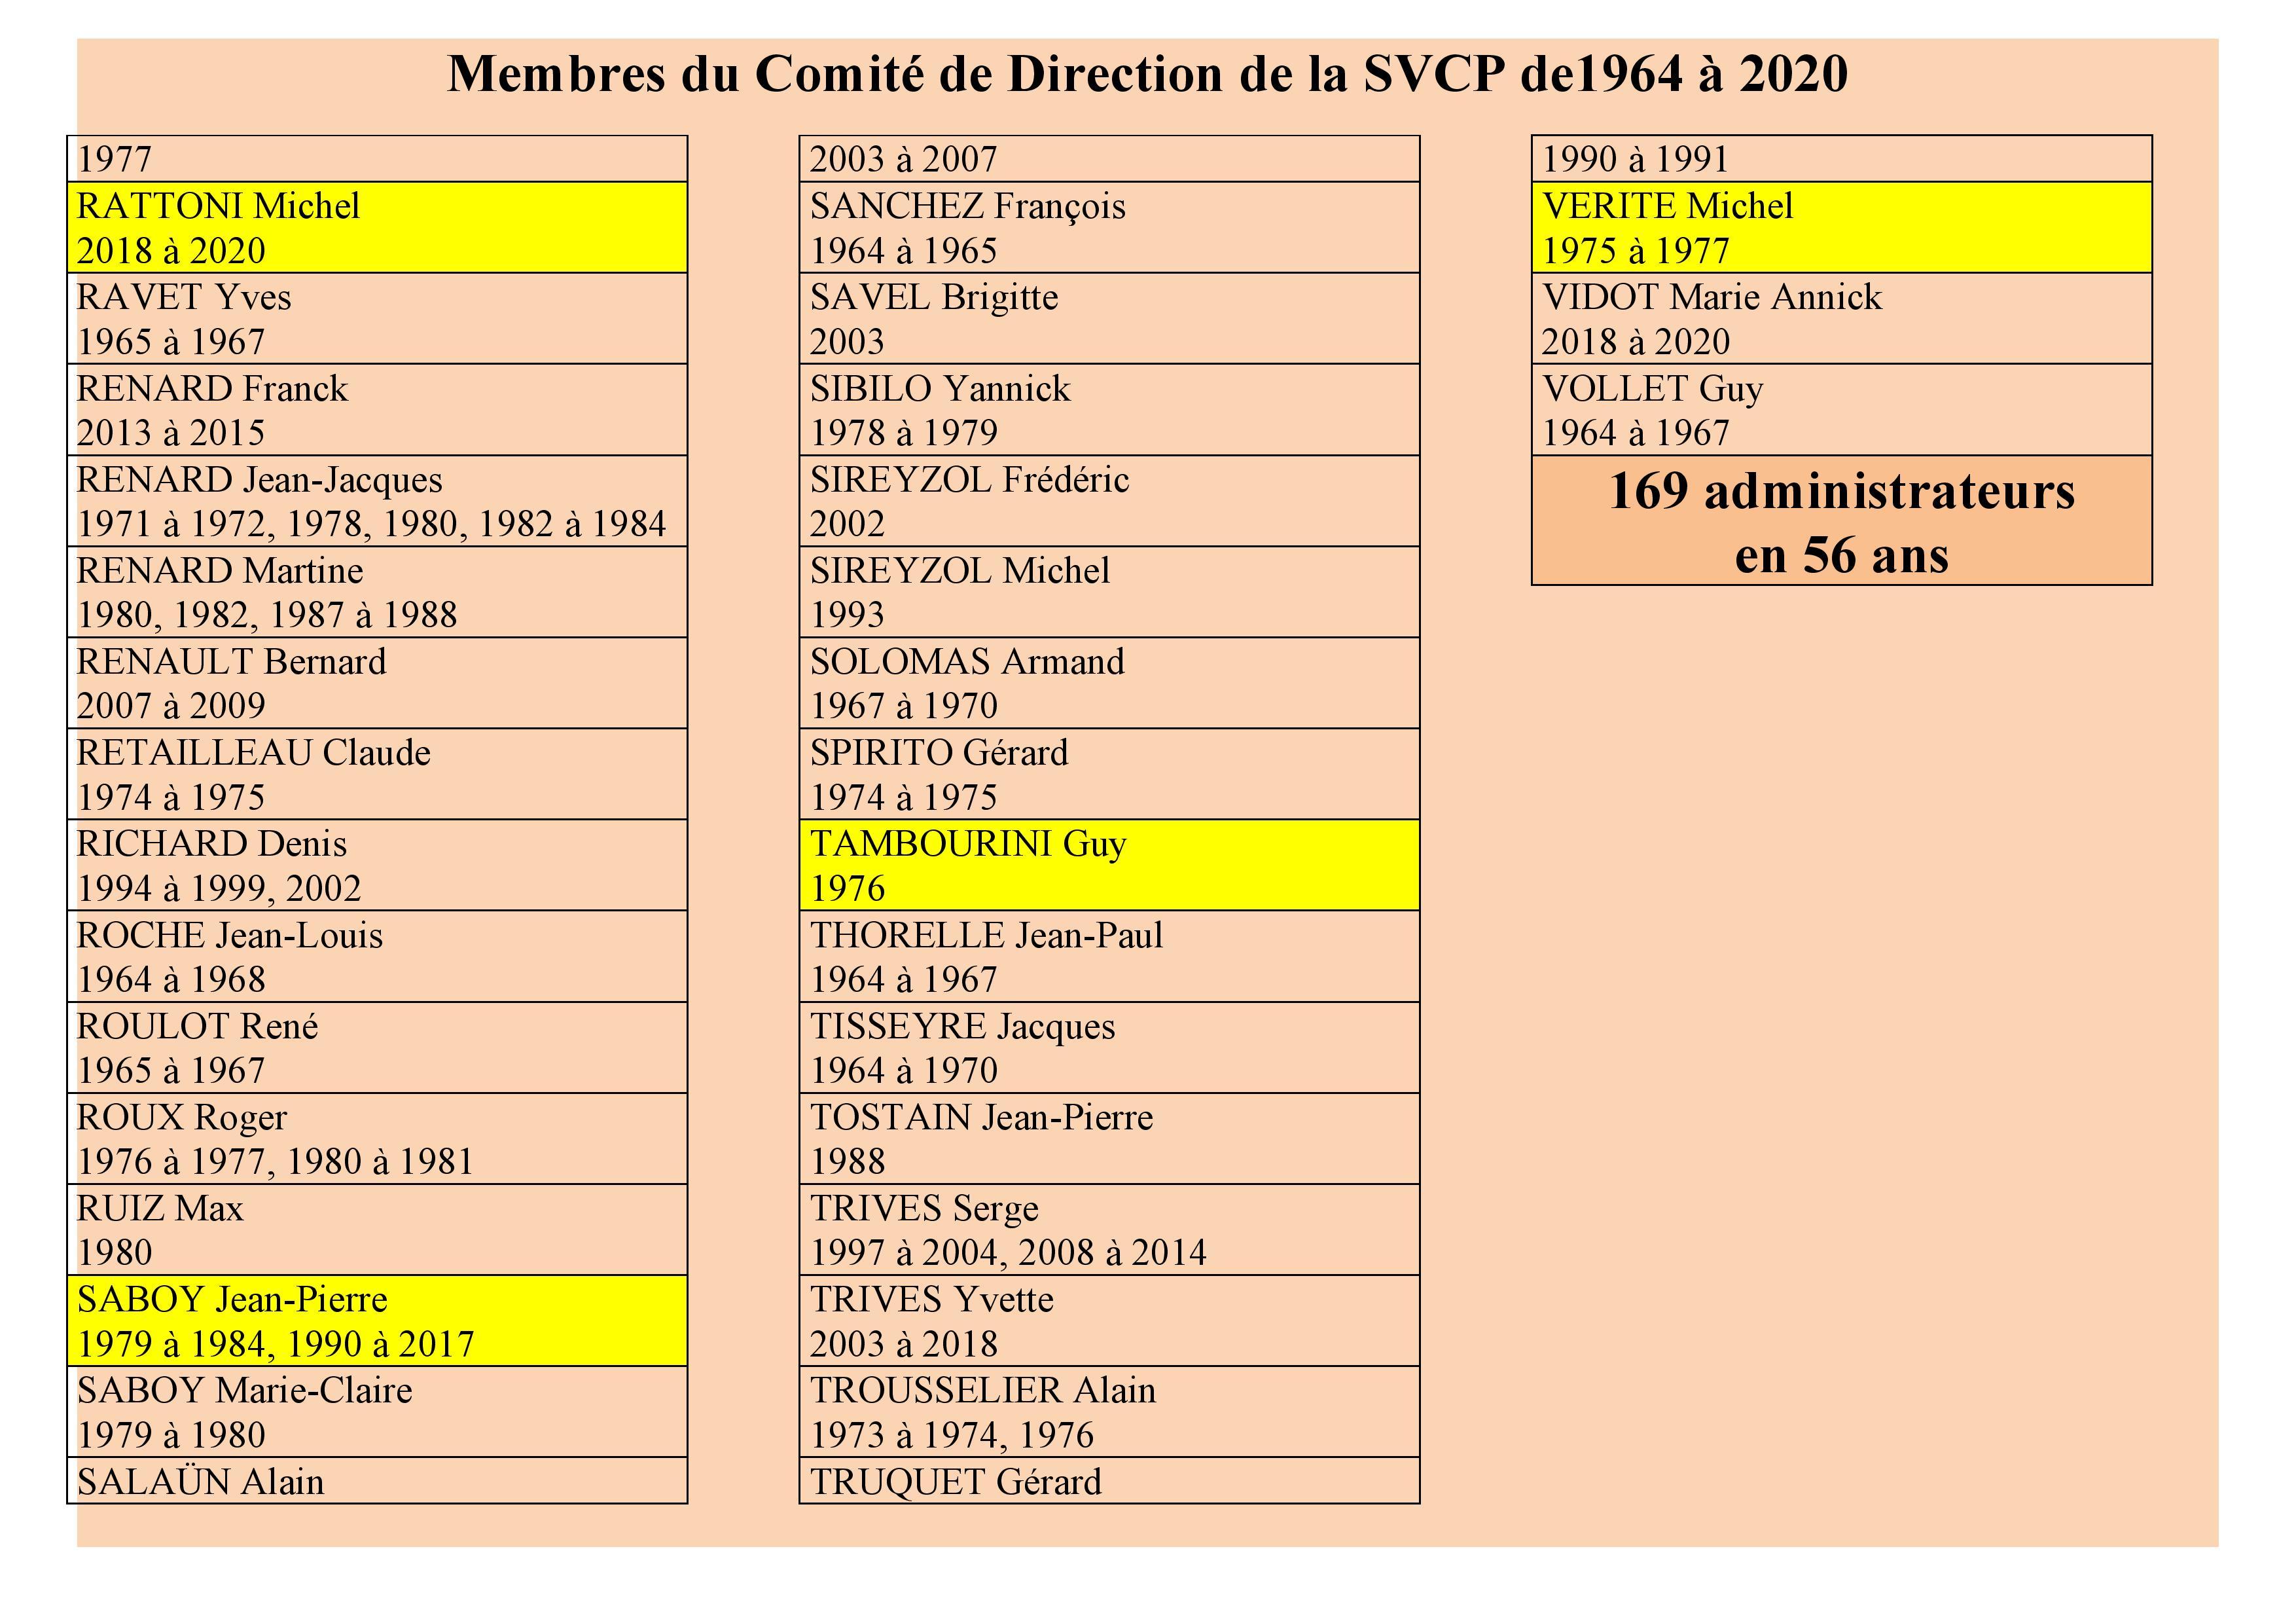 QUI AU COMITE DE DIRECTION DE LA SVCP DE 1964 A 2020?